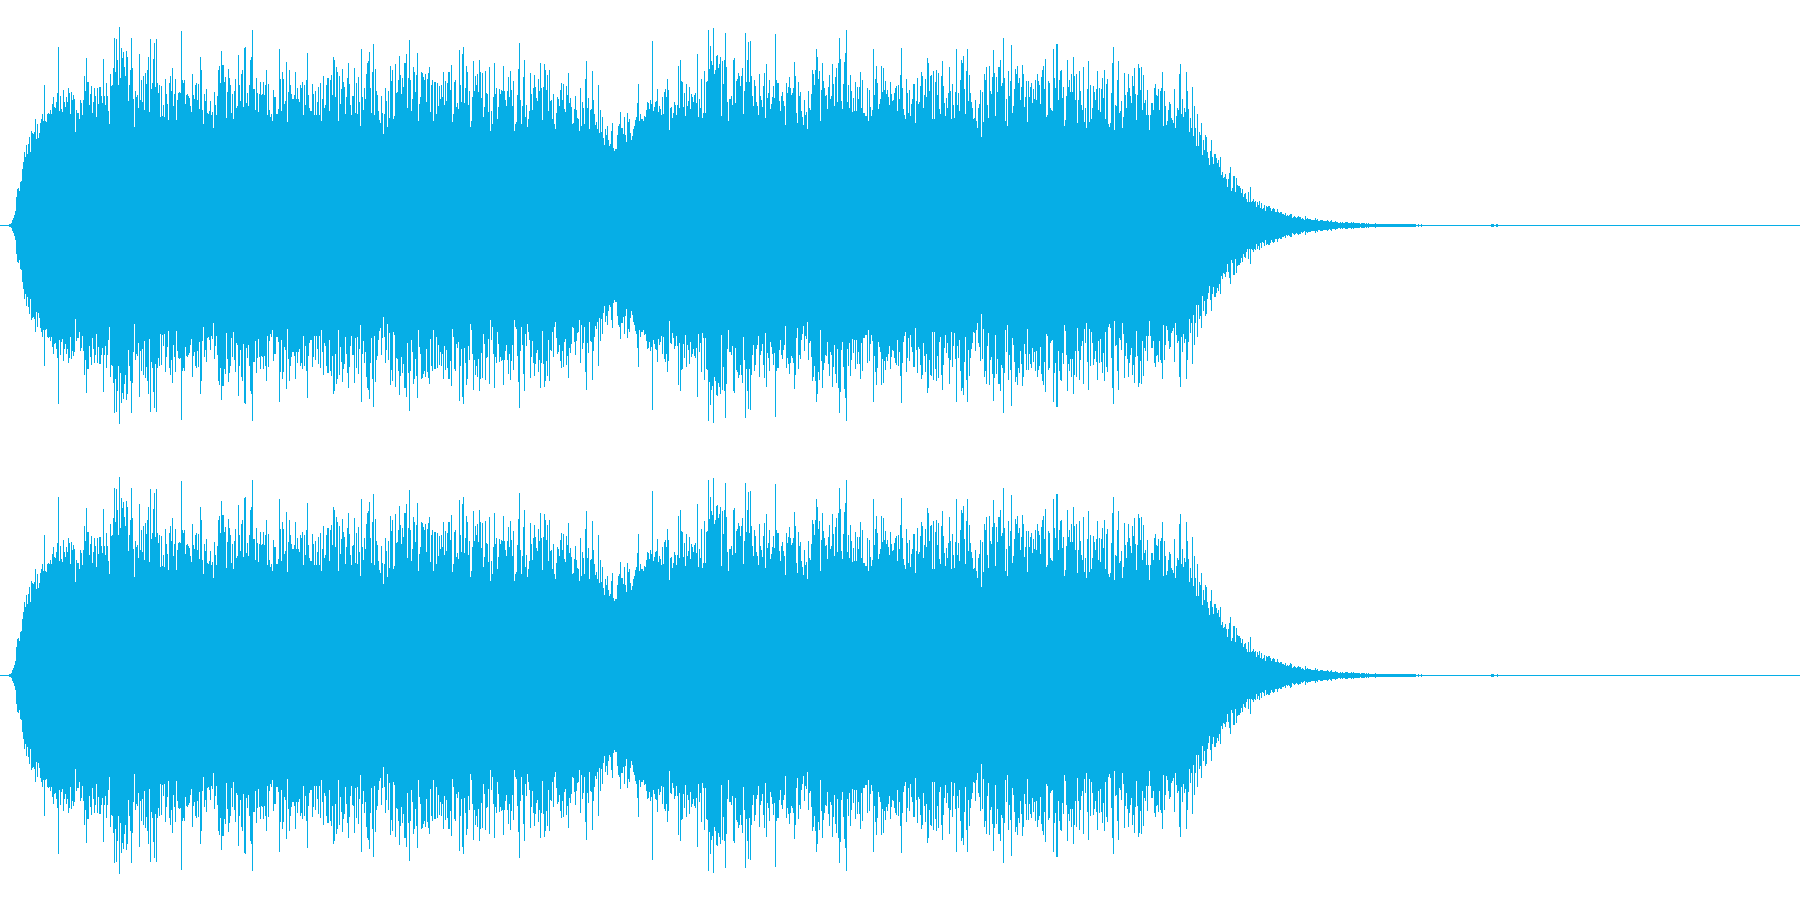 ゲームで使われそうな炎の音(ボワー)の再生済みの波形